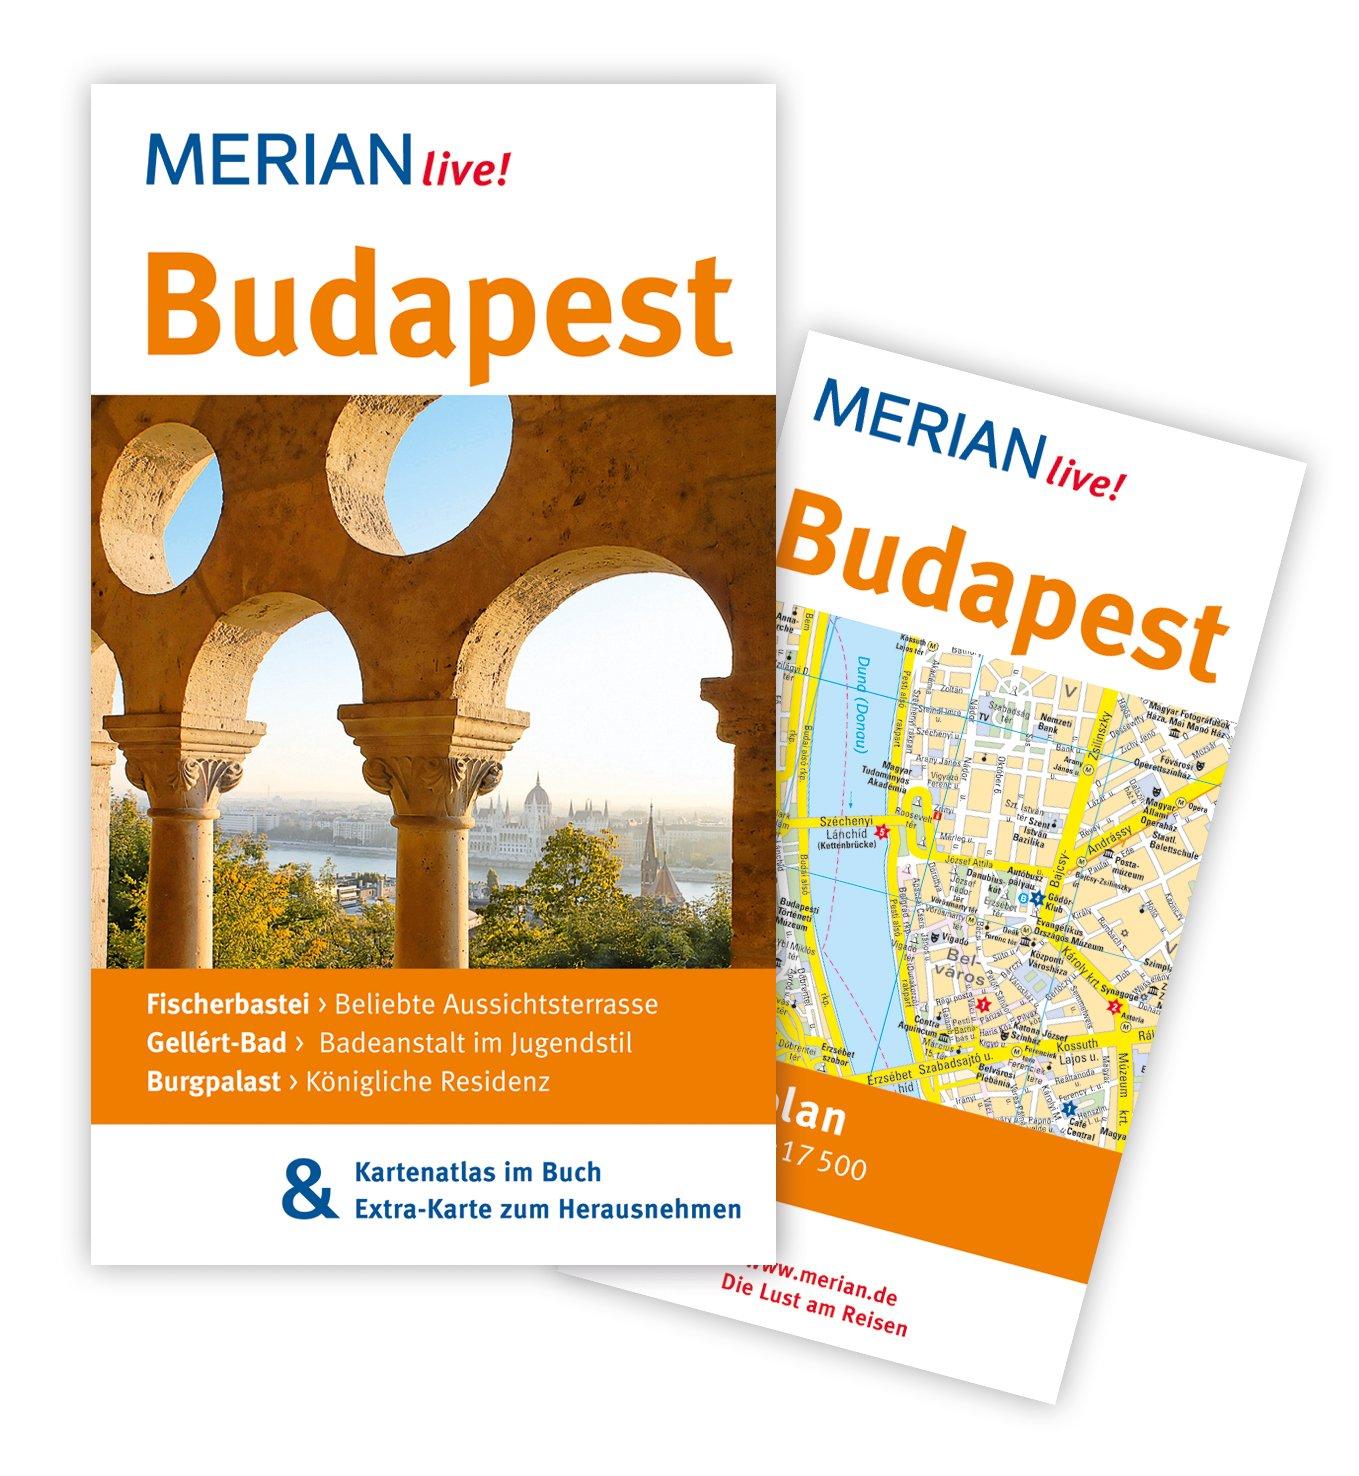 MERIAN live! Reiseführer Budapest: Mit Kartenatlas im Buch und Extra-Karte zum Herausnehmen